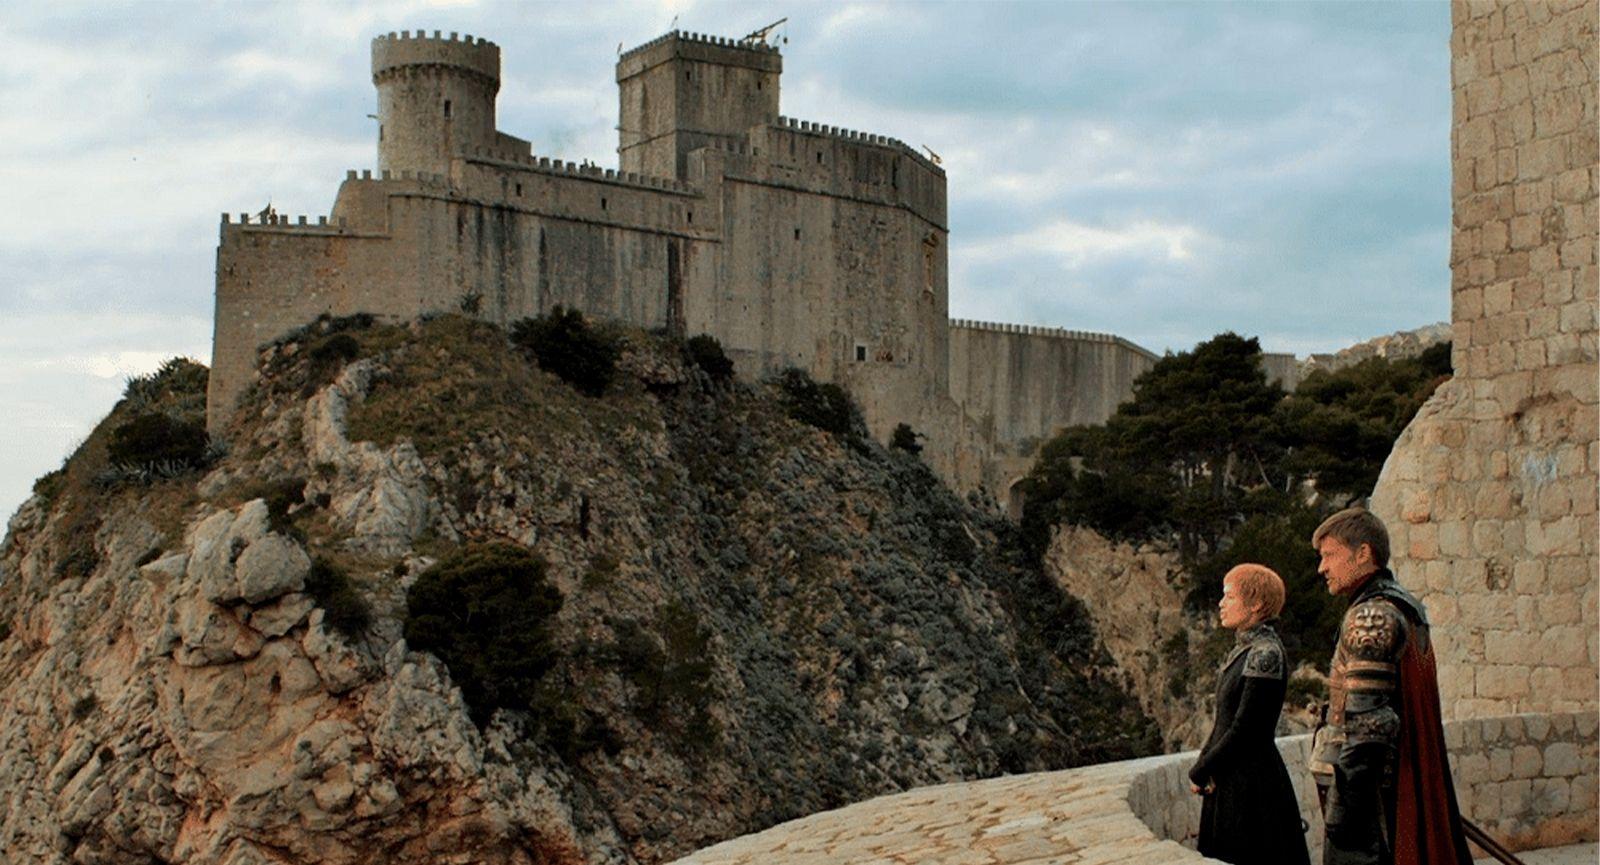 De GoT à Westworld, 5 séries pour voyager dans des univers grandioses cet été